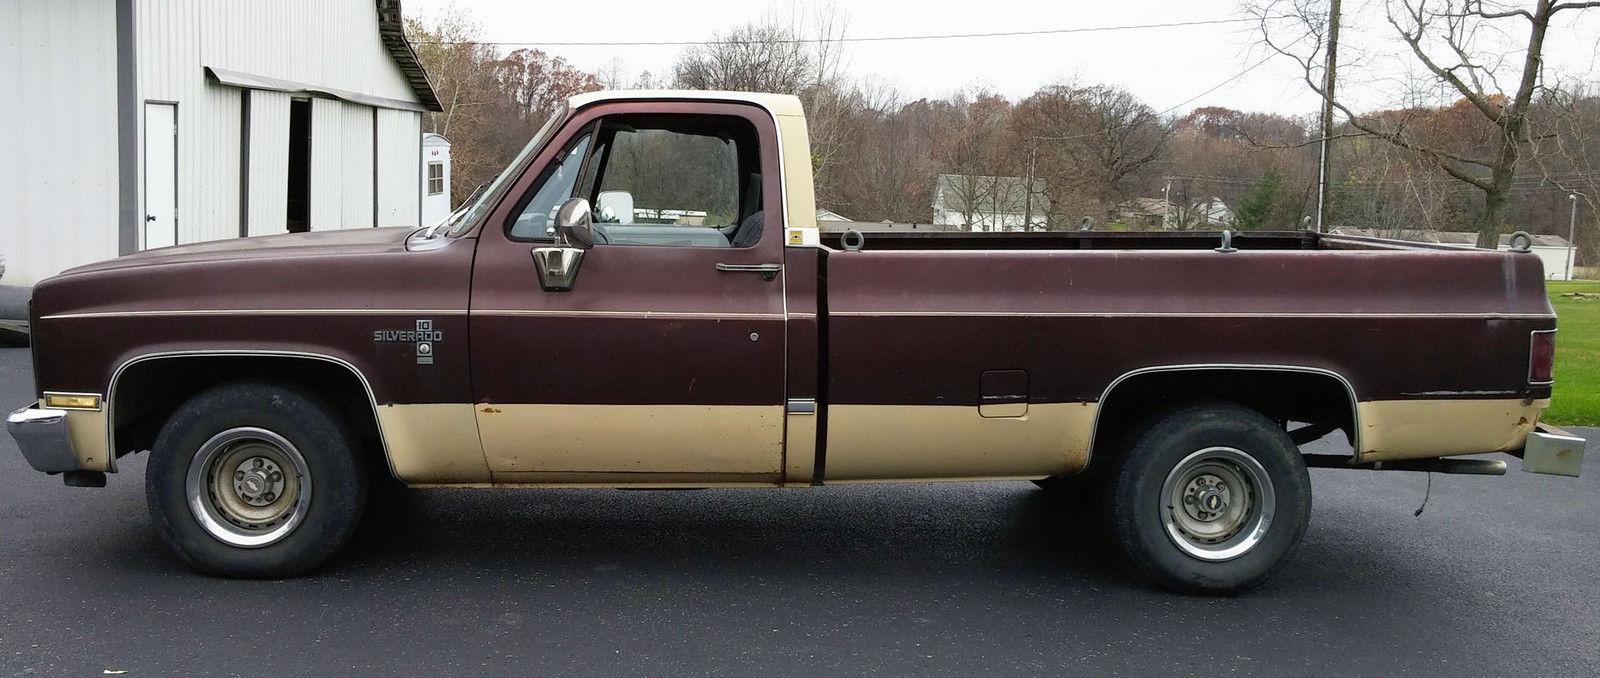 '82 Chevy 1500 Silverado Pickup